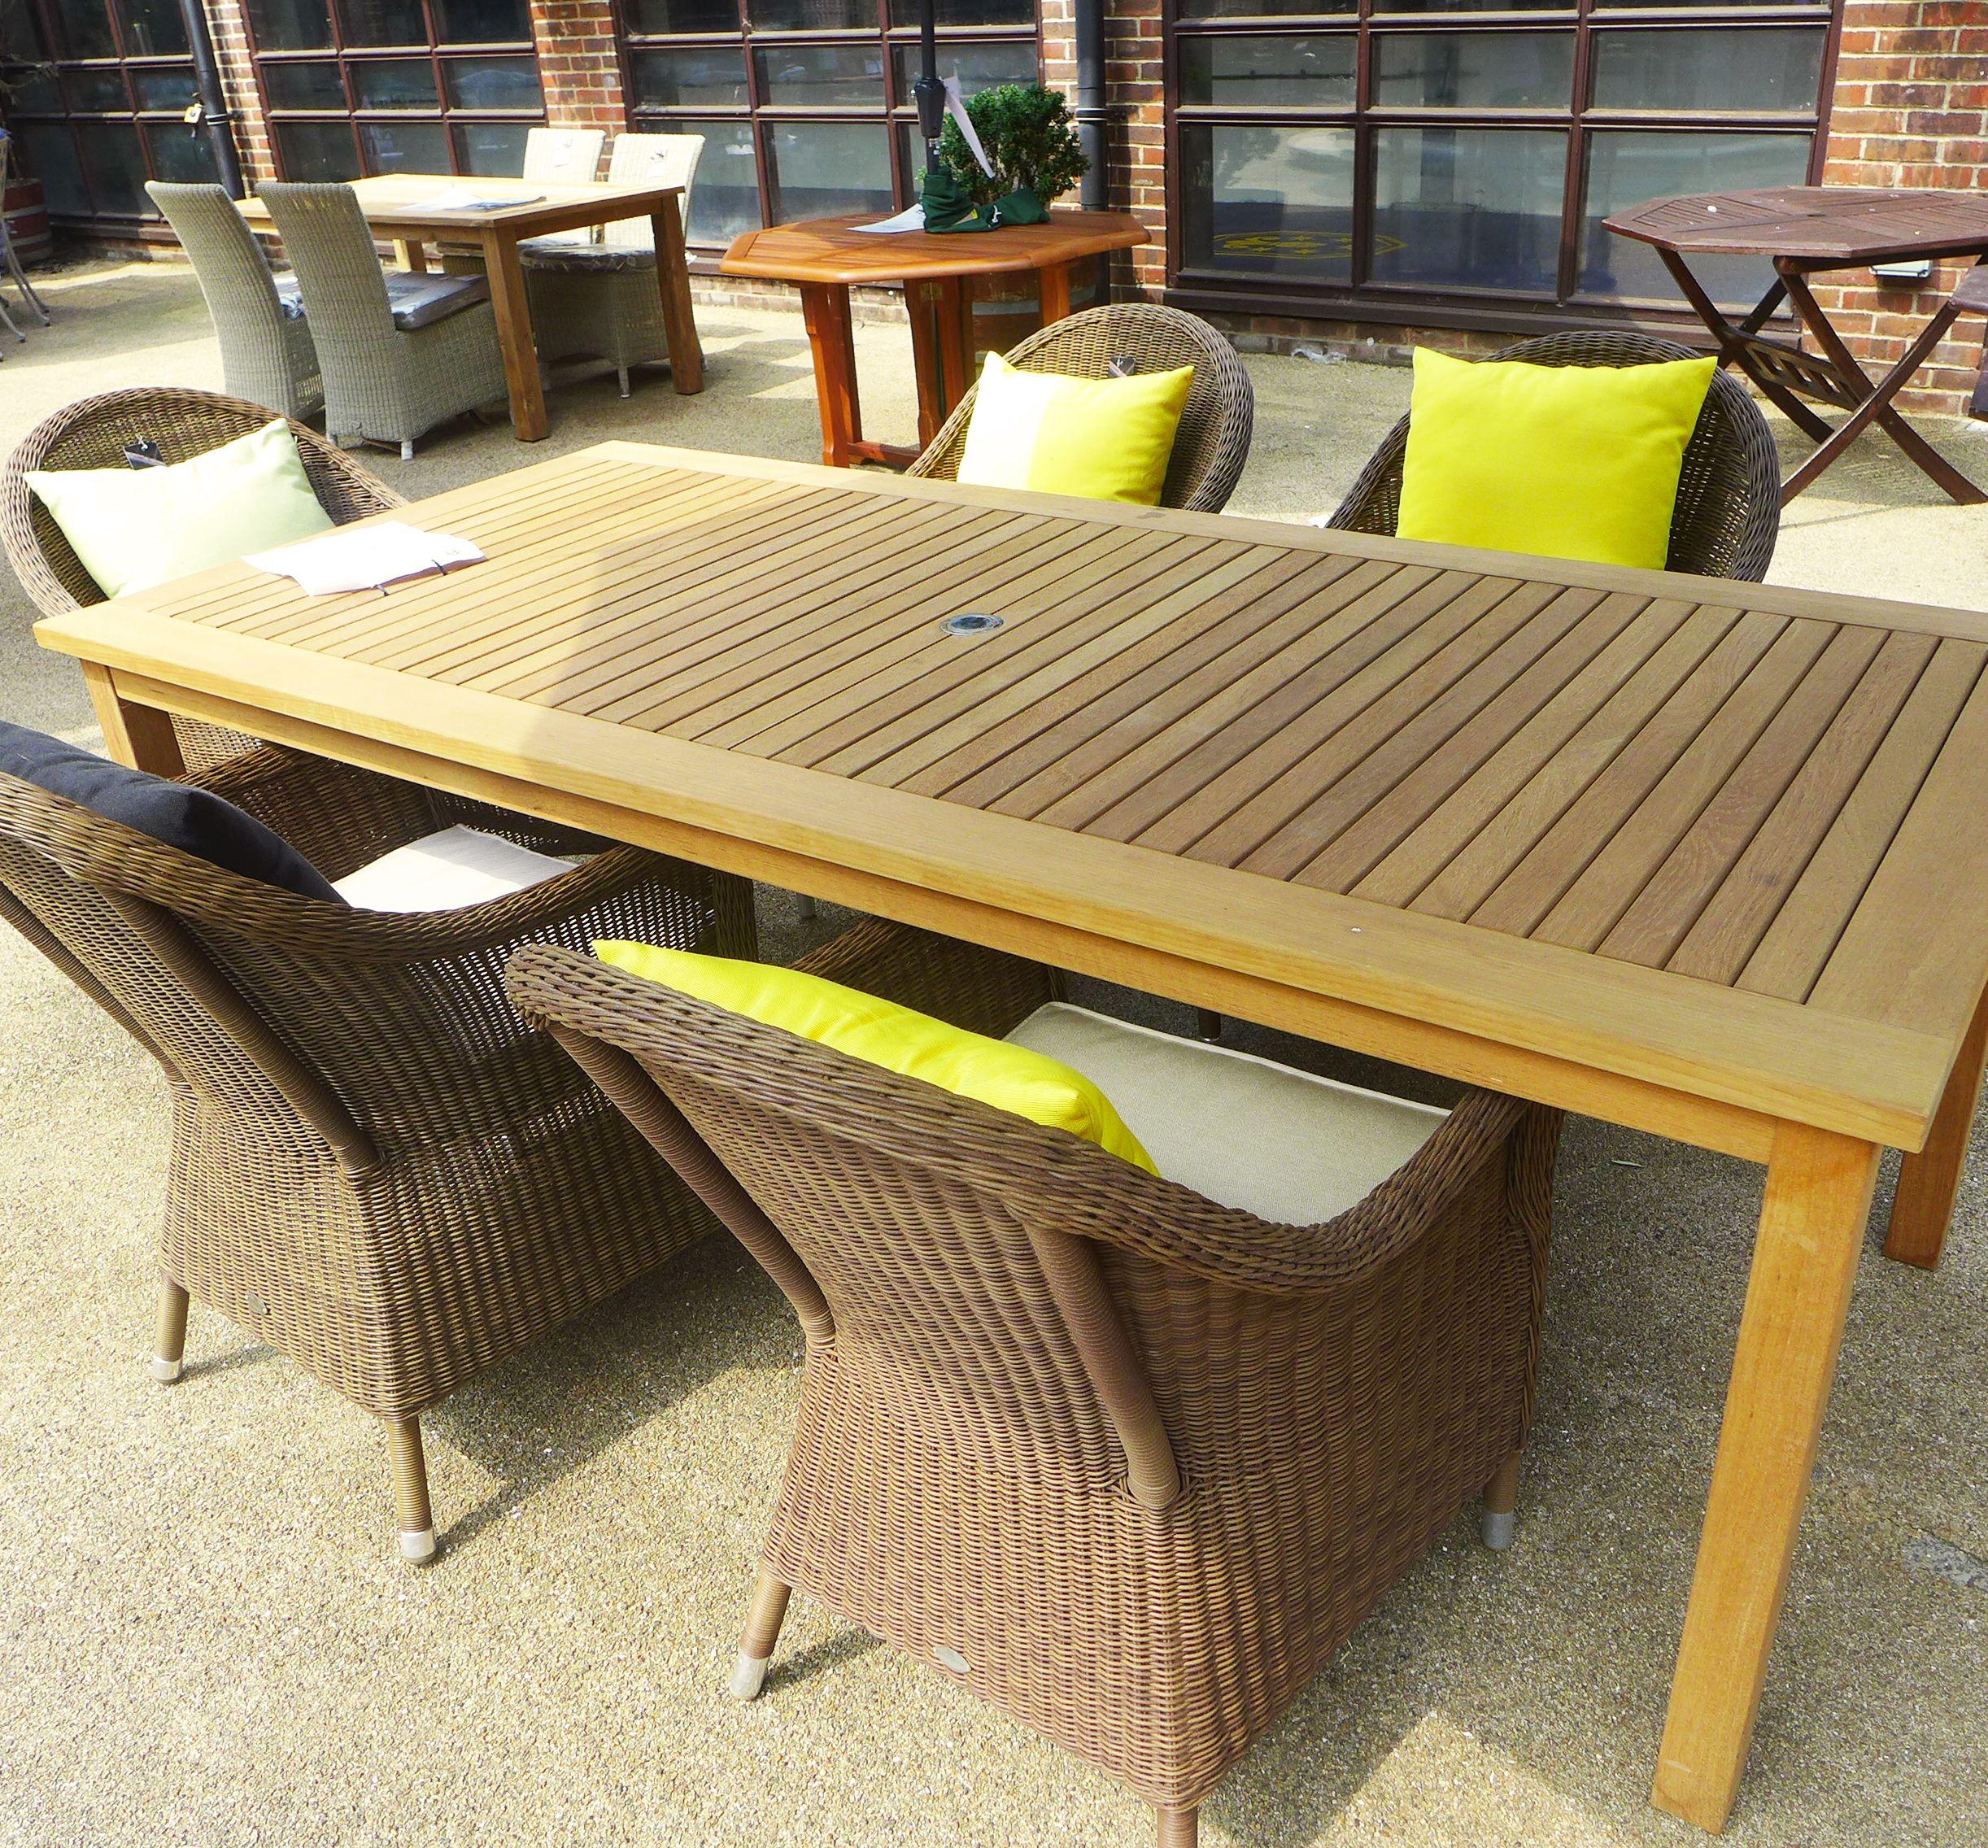 Garden Furniture | Furniture Exhibition | Pinterest | Garden furniture